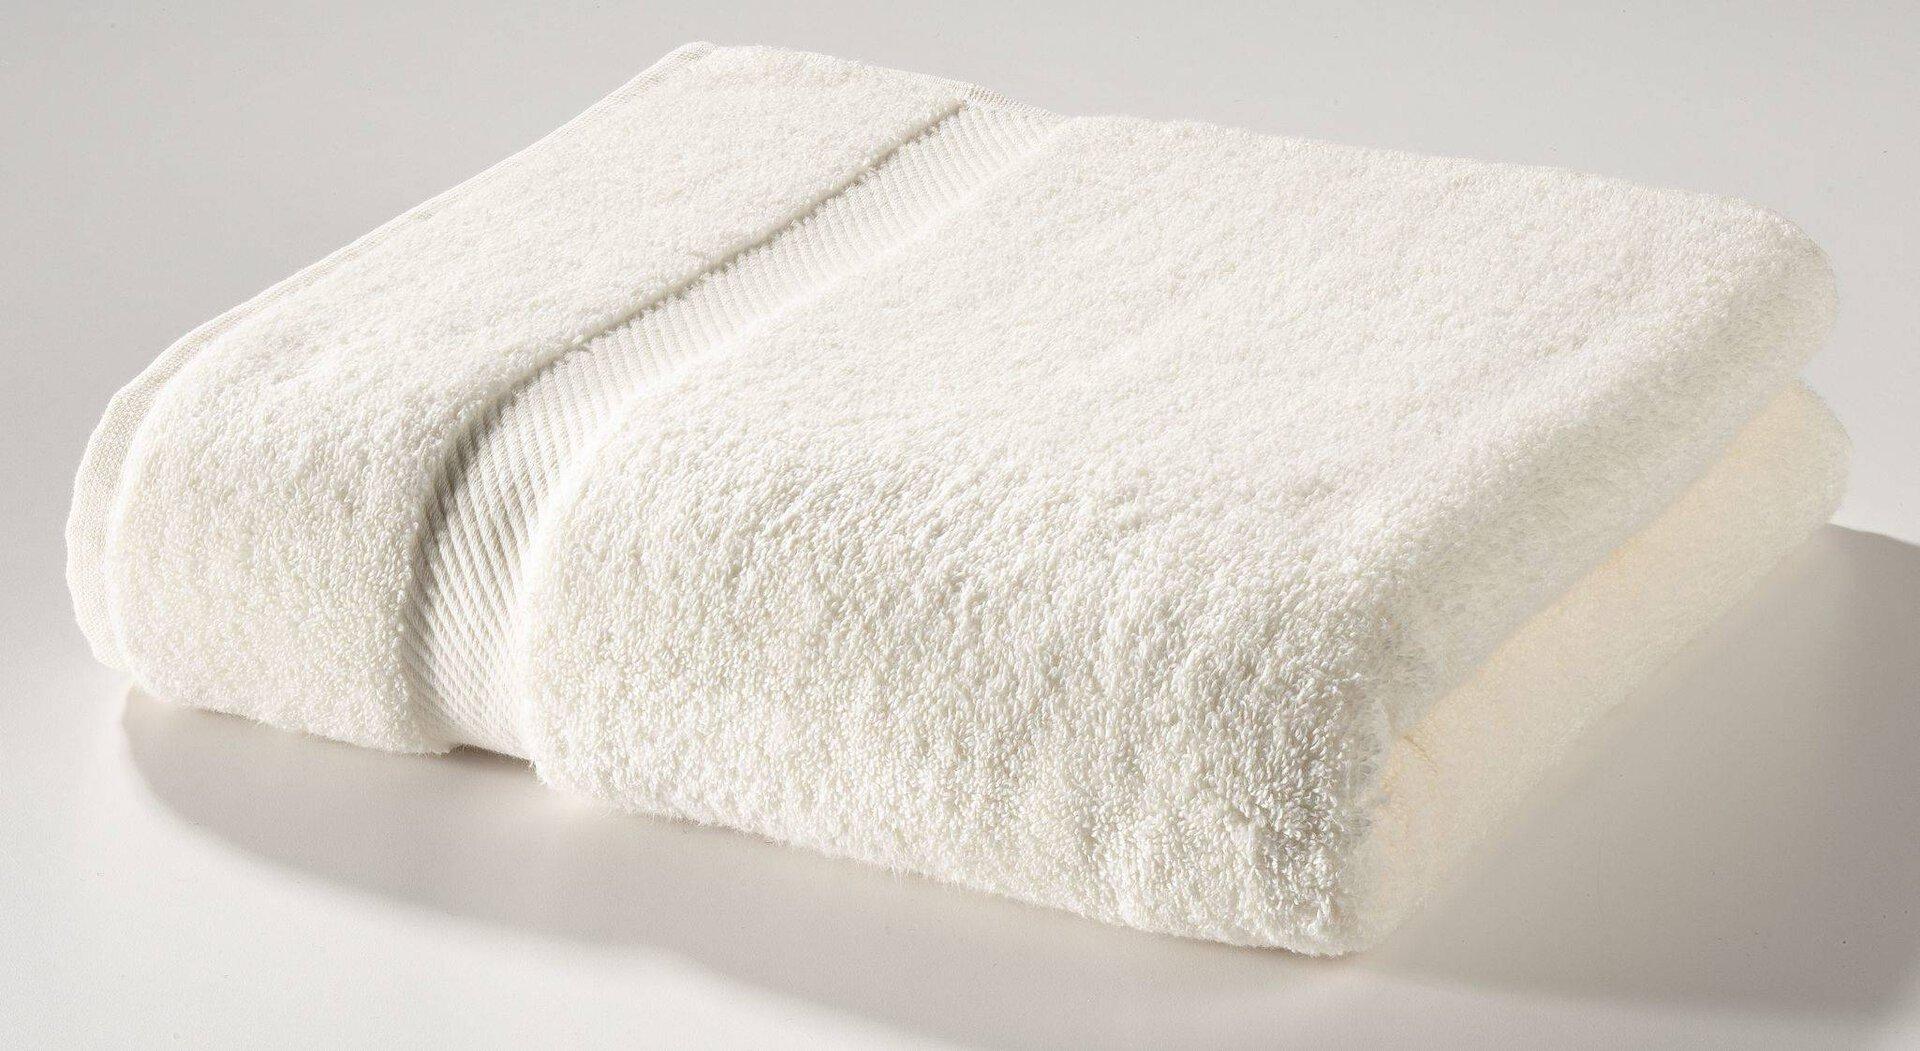 Duschtuch Micro Baumwolle Casa Nova Textil 70 x 140 cm